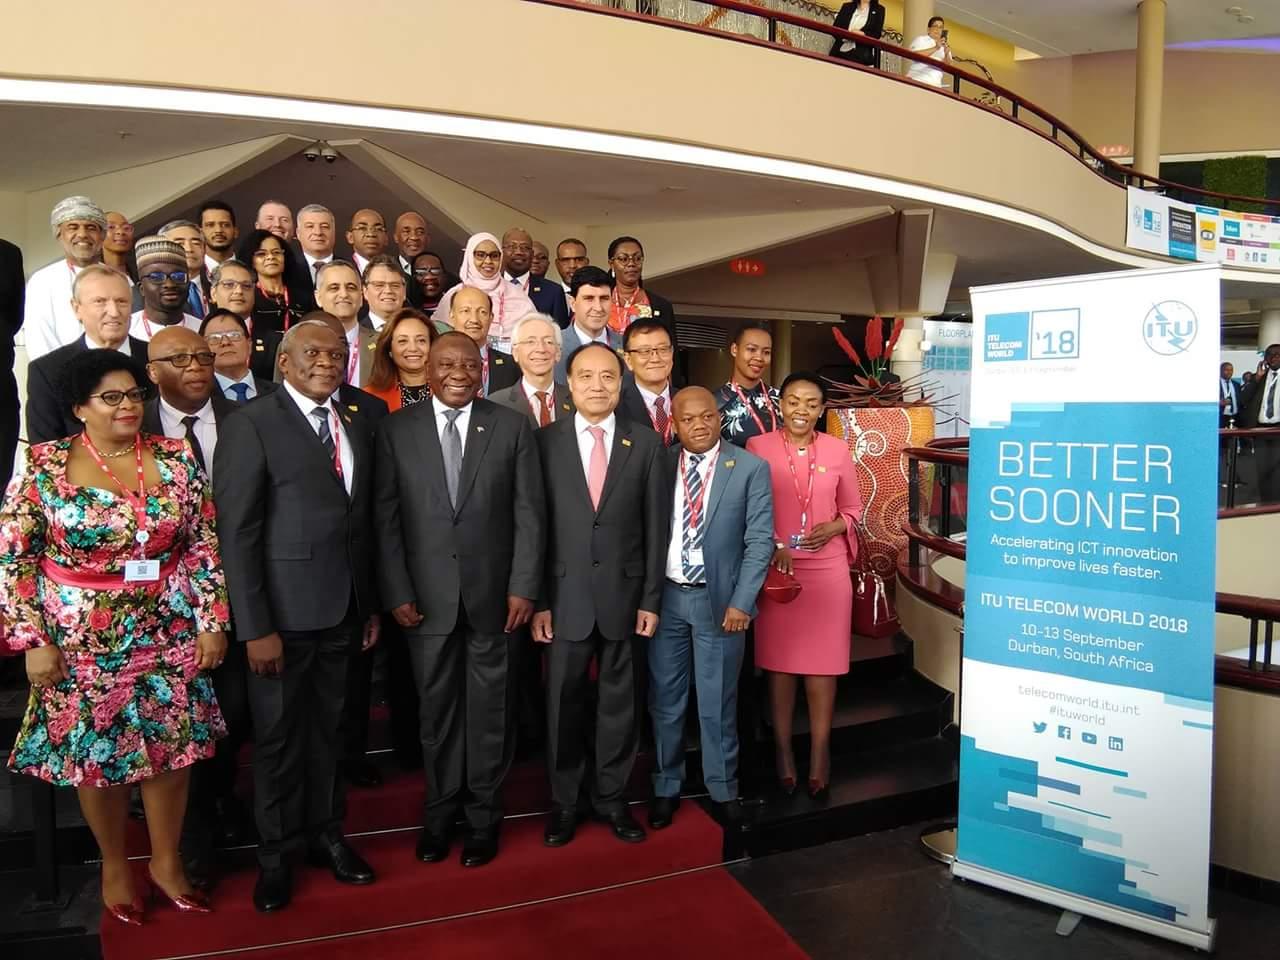 Ouverture de ITU Telecom World 2018 à Durban : L'appel du Président Cyril Ramaphosa